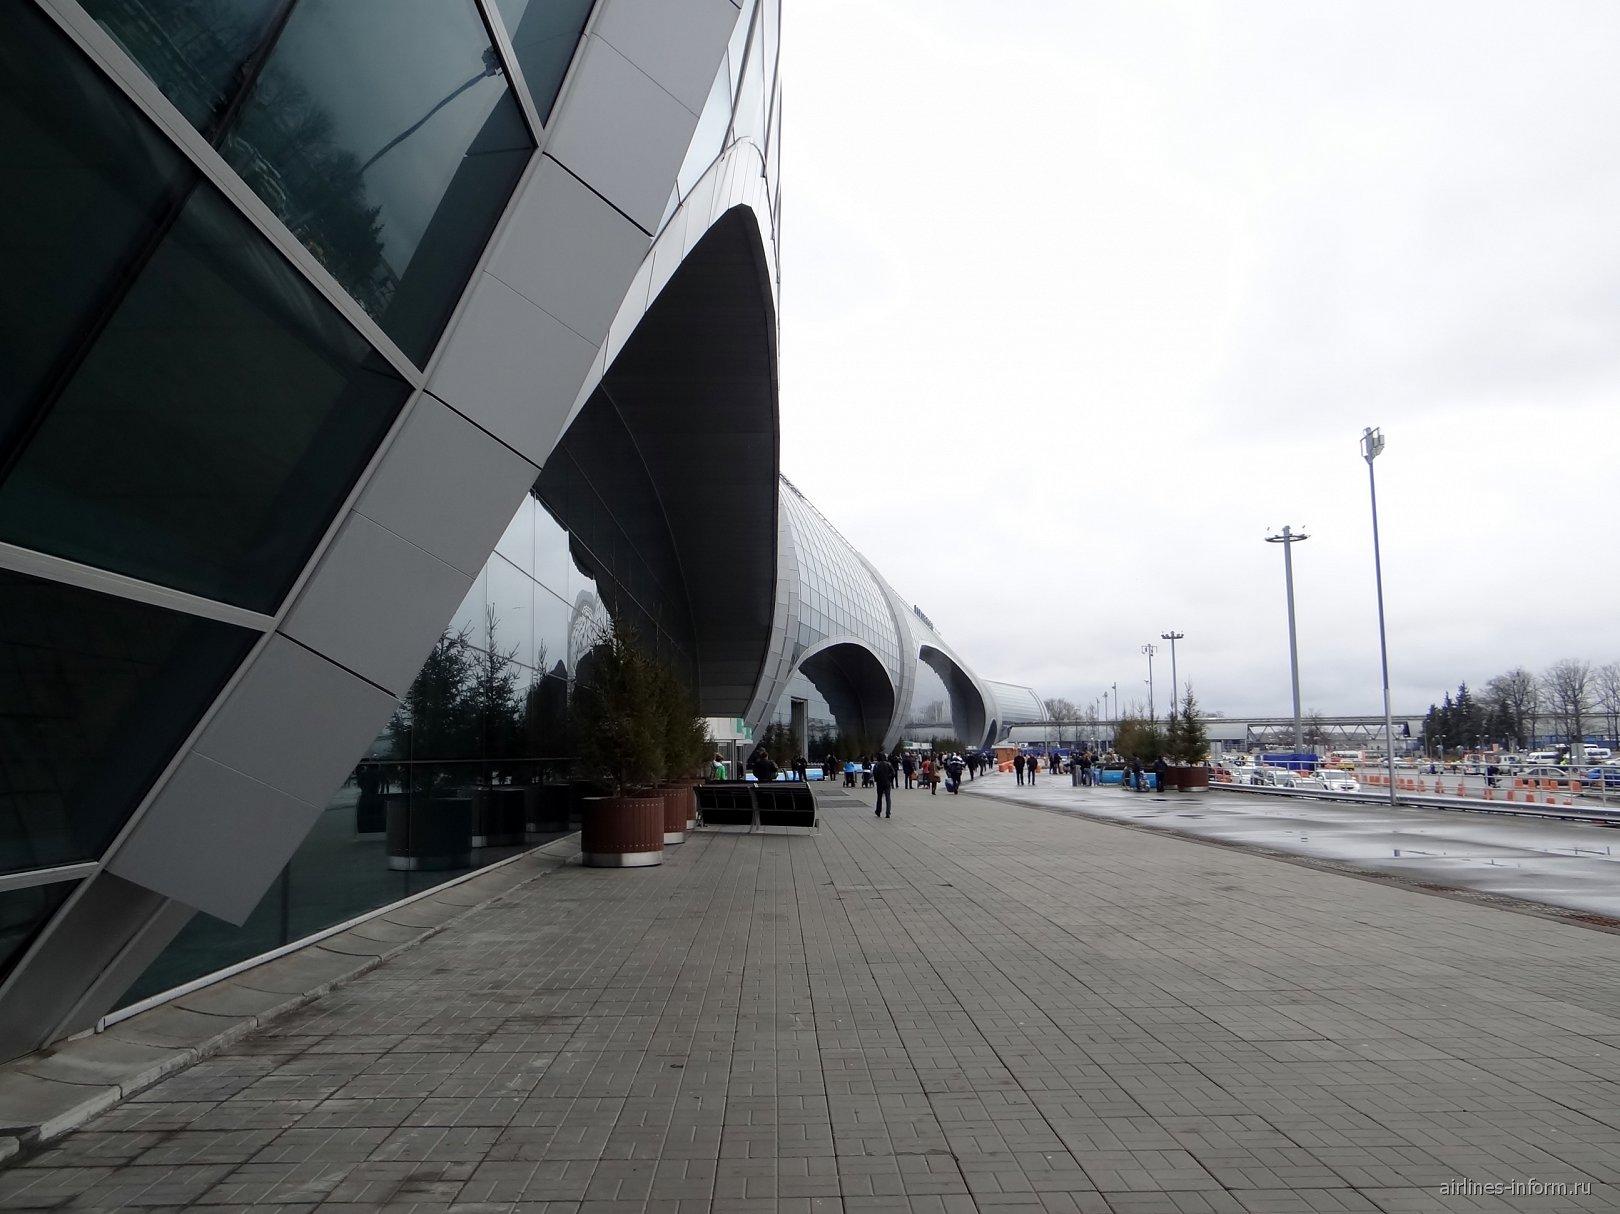 Пассажирский терминал и привокзальная площадь аэропорта Домодедово